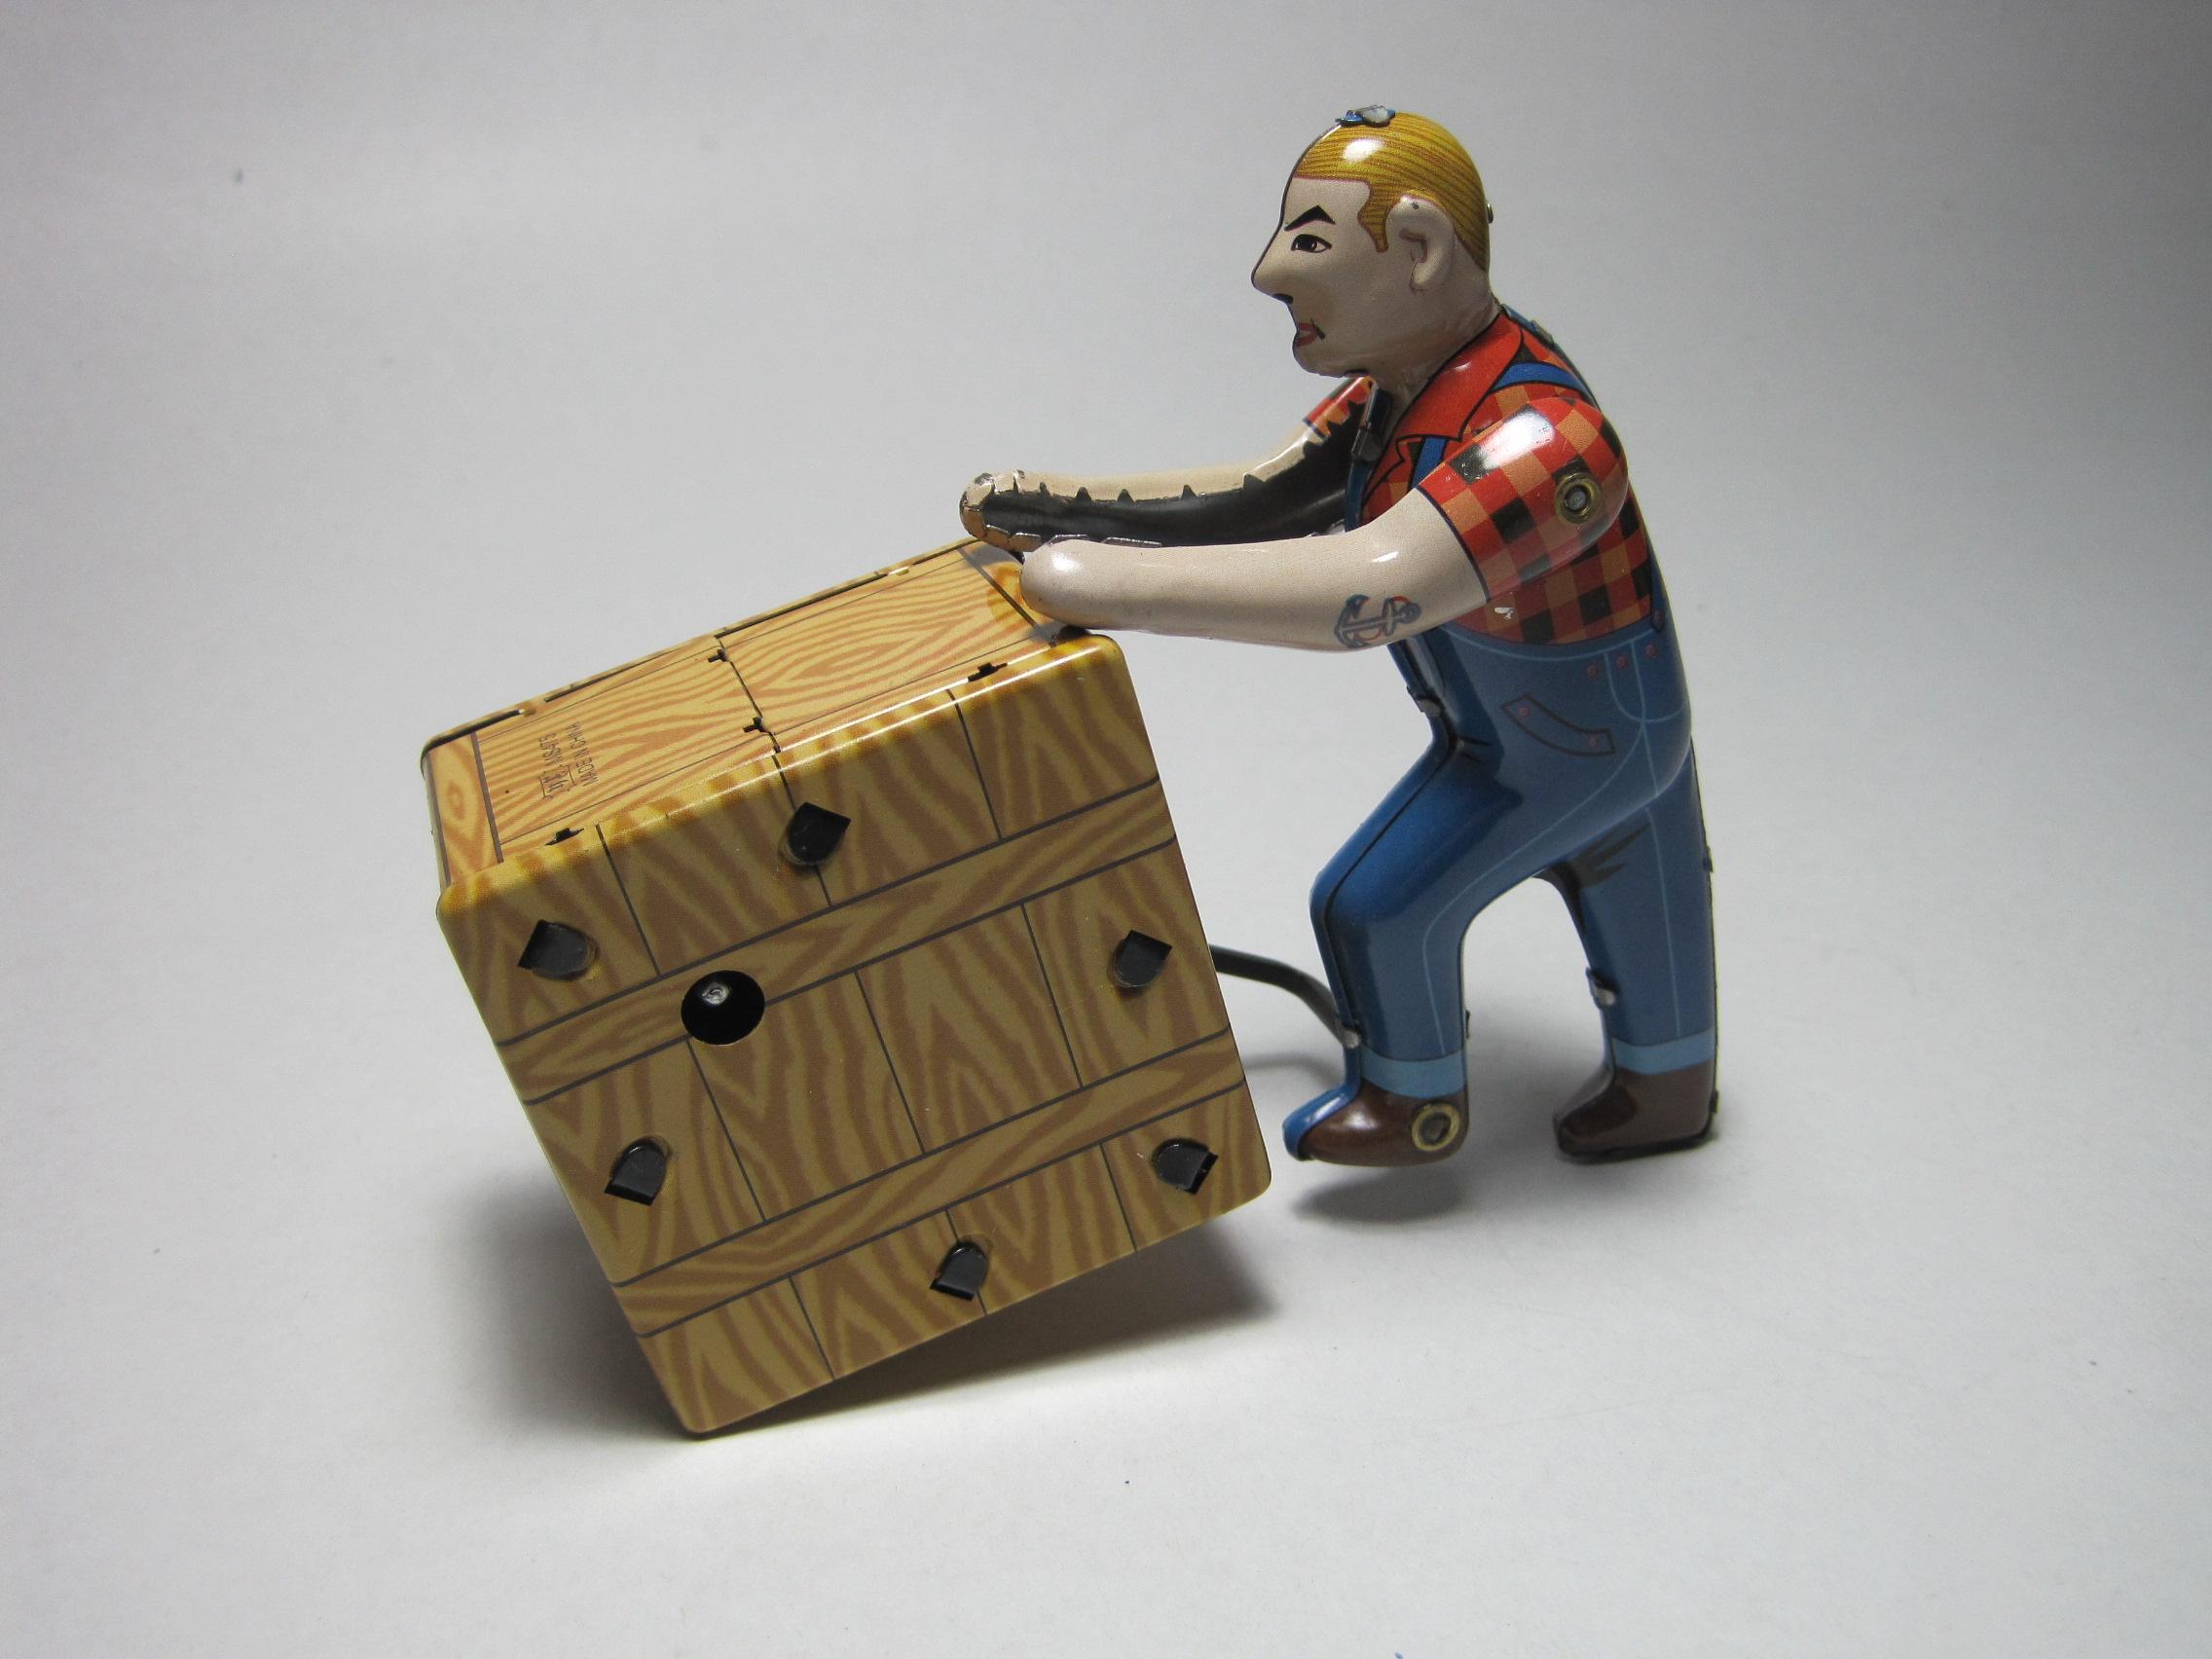 ของเล่นสังกะสี คนเข็นกล่อง